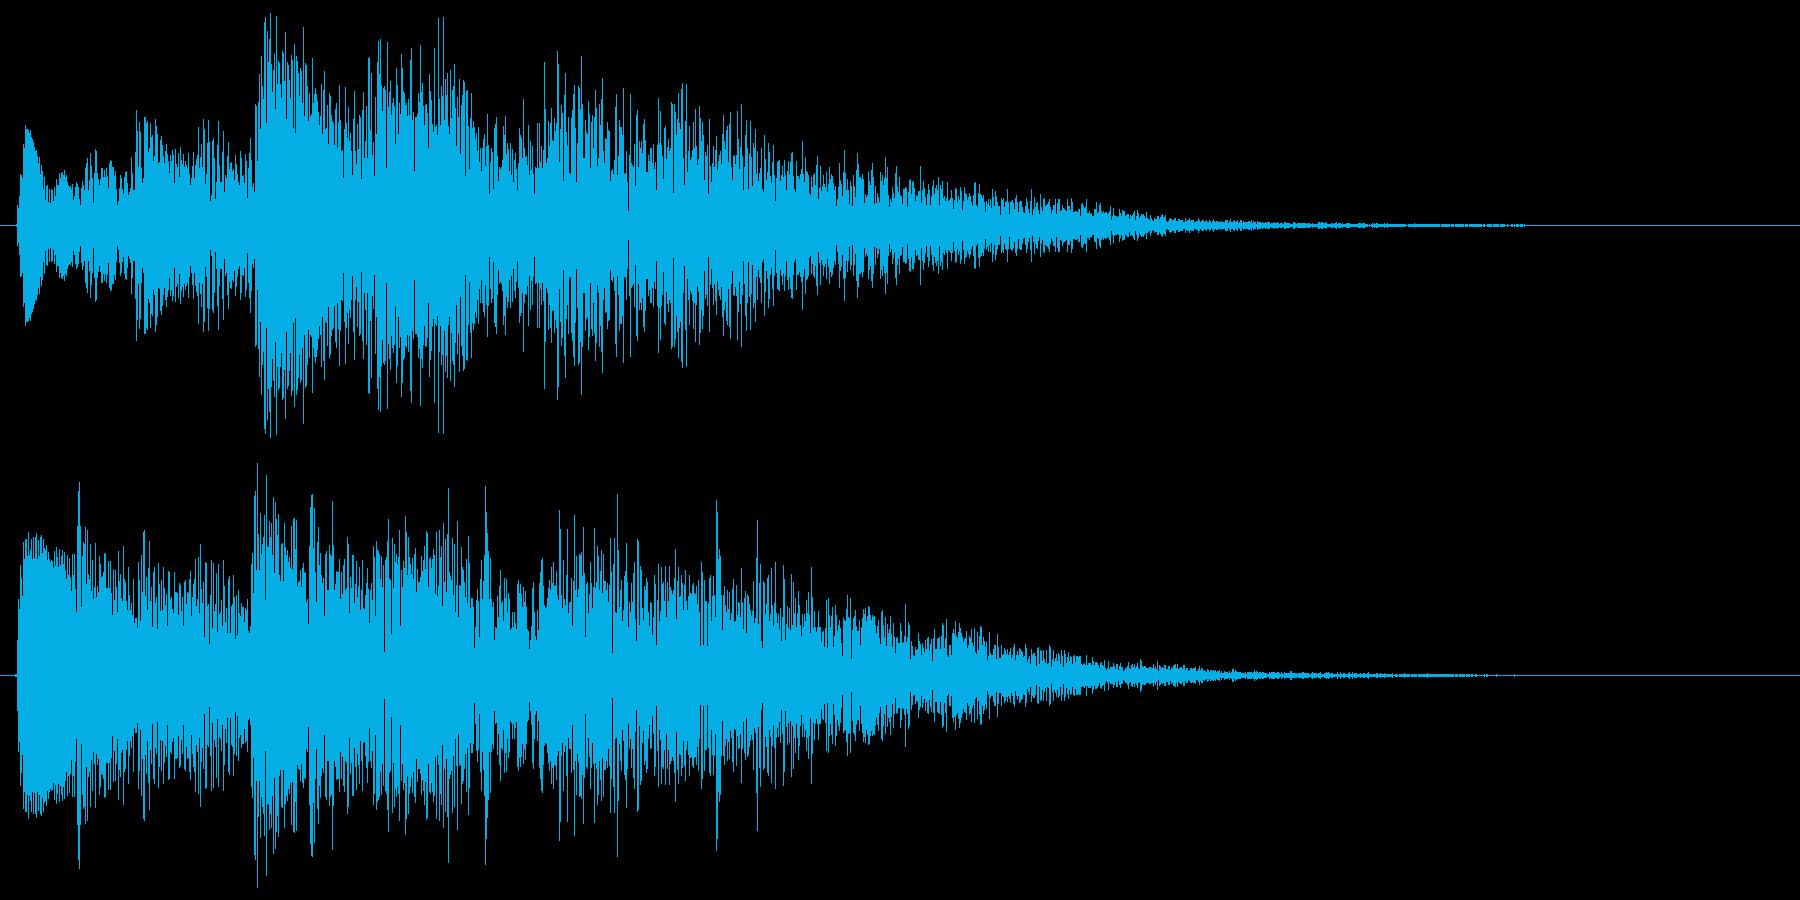 ハープのアルペジオ クリア 達成 成功の再生済みの波形